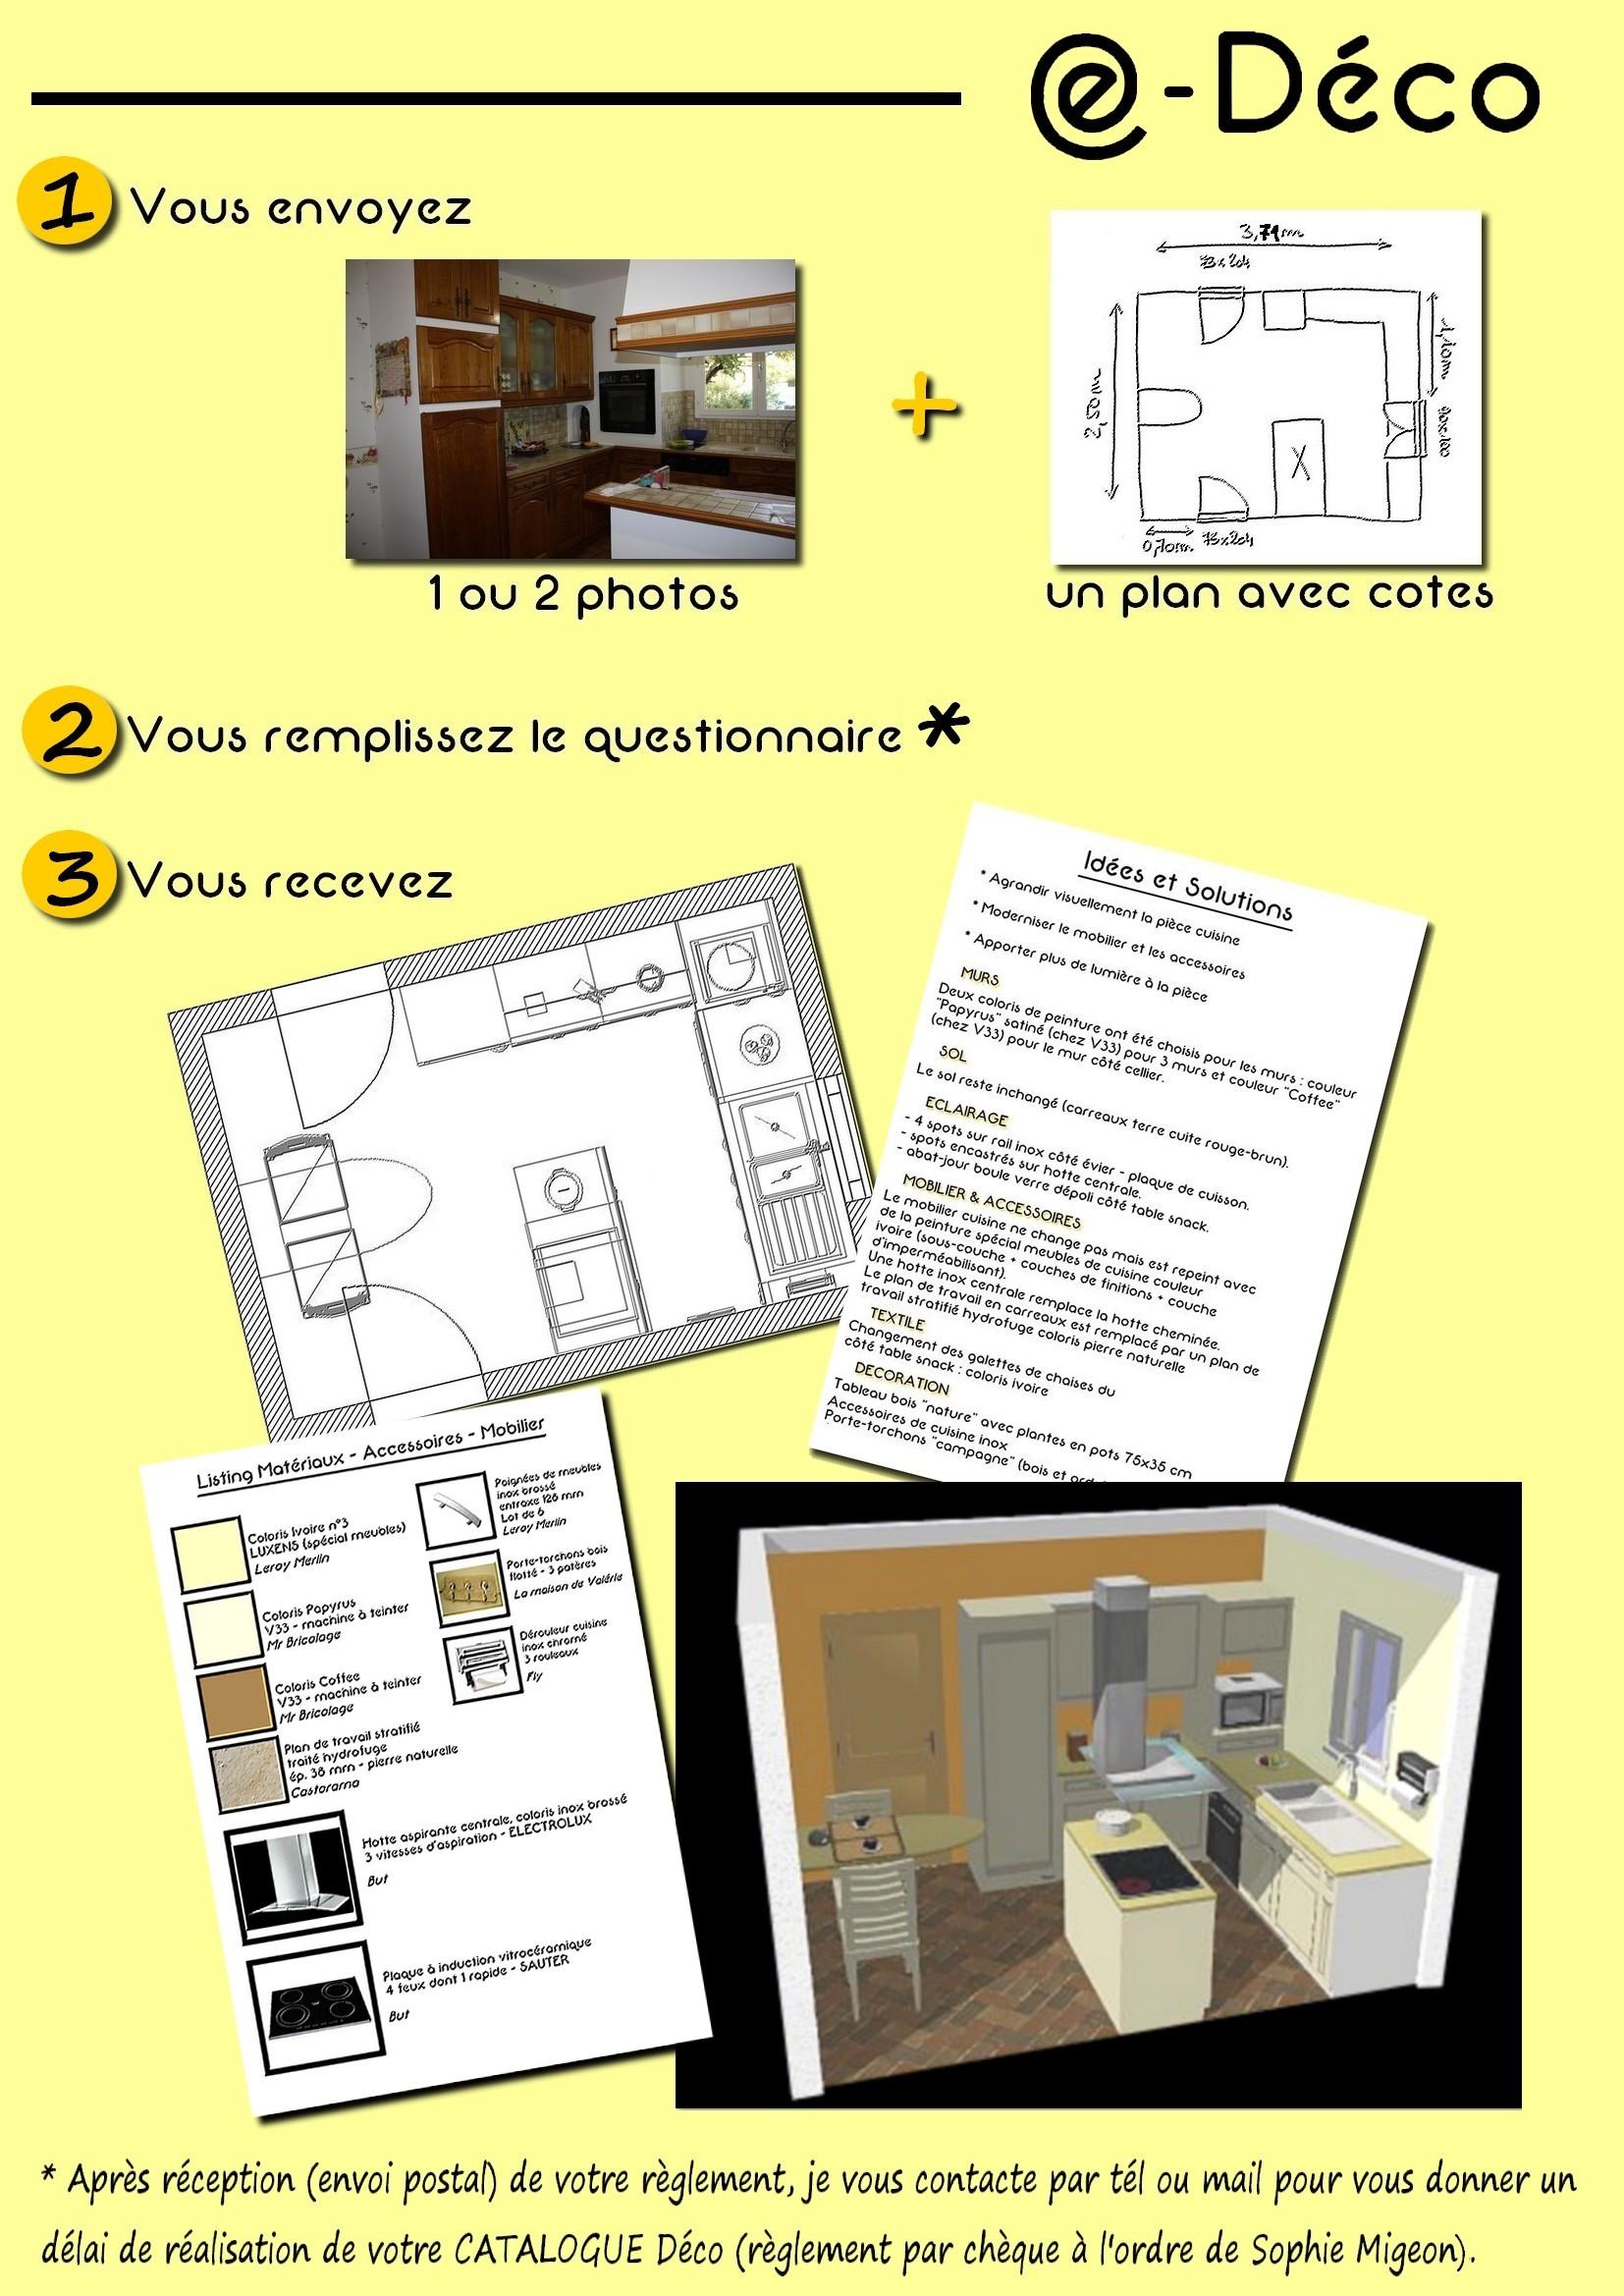 eyredeco d coration d 39 int rieur nouveau service e d co la d co en ligne. Black Bedroom Furniture Sets. Home Design Ideas